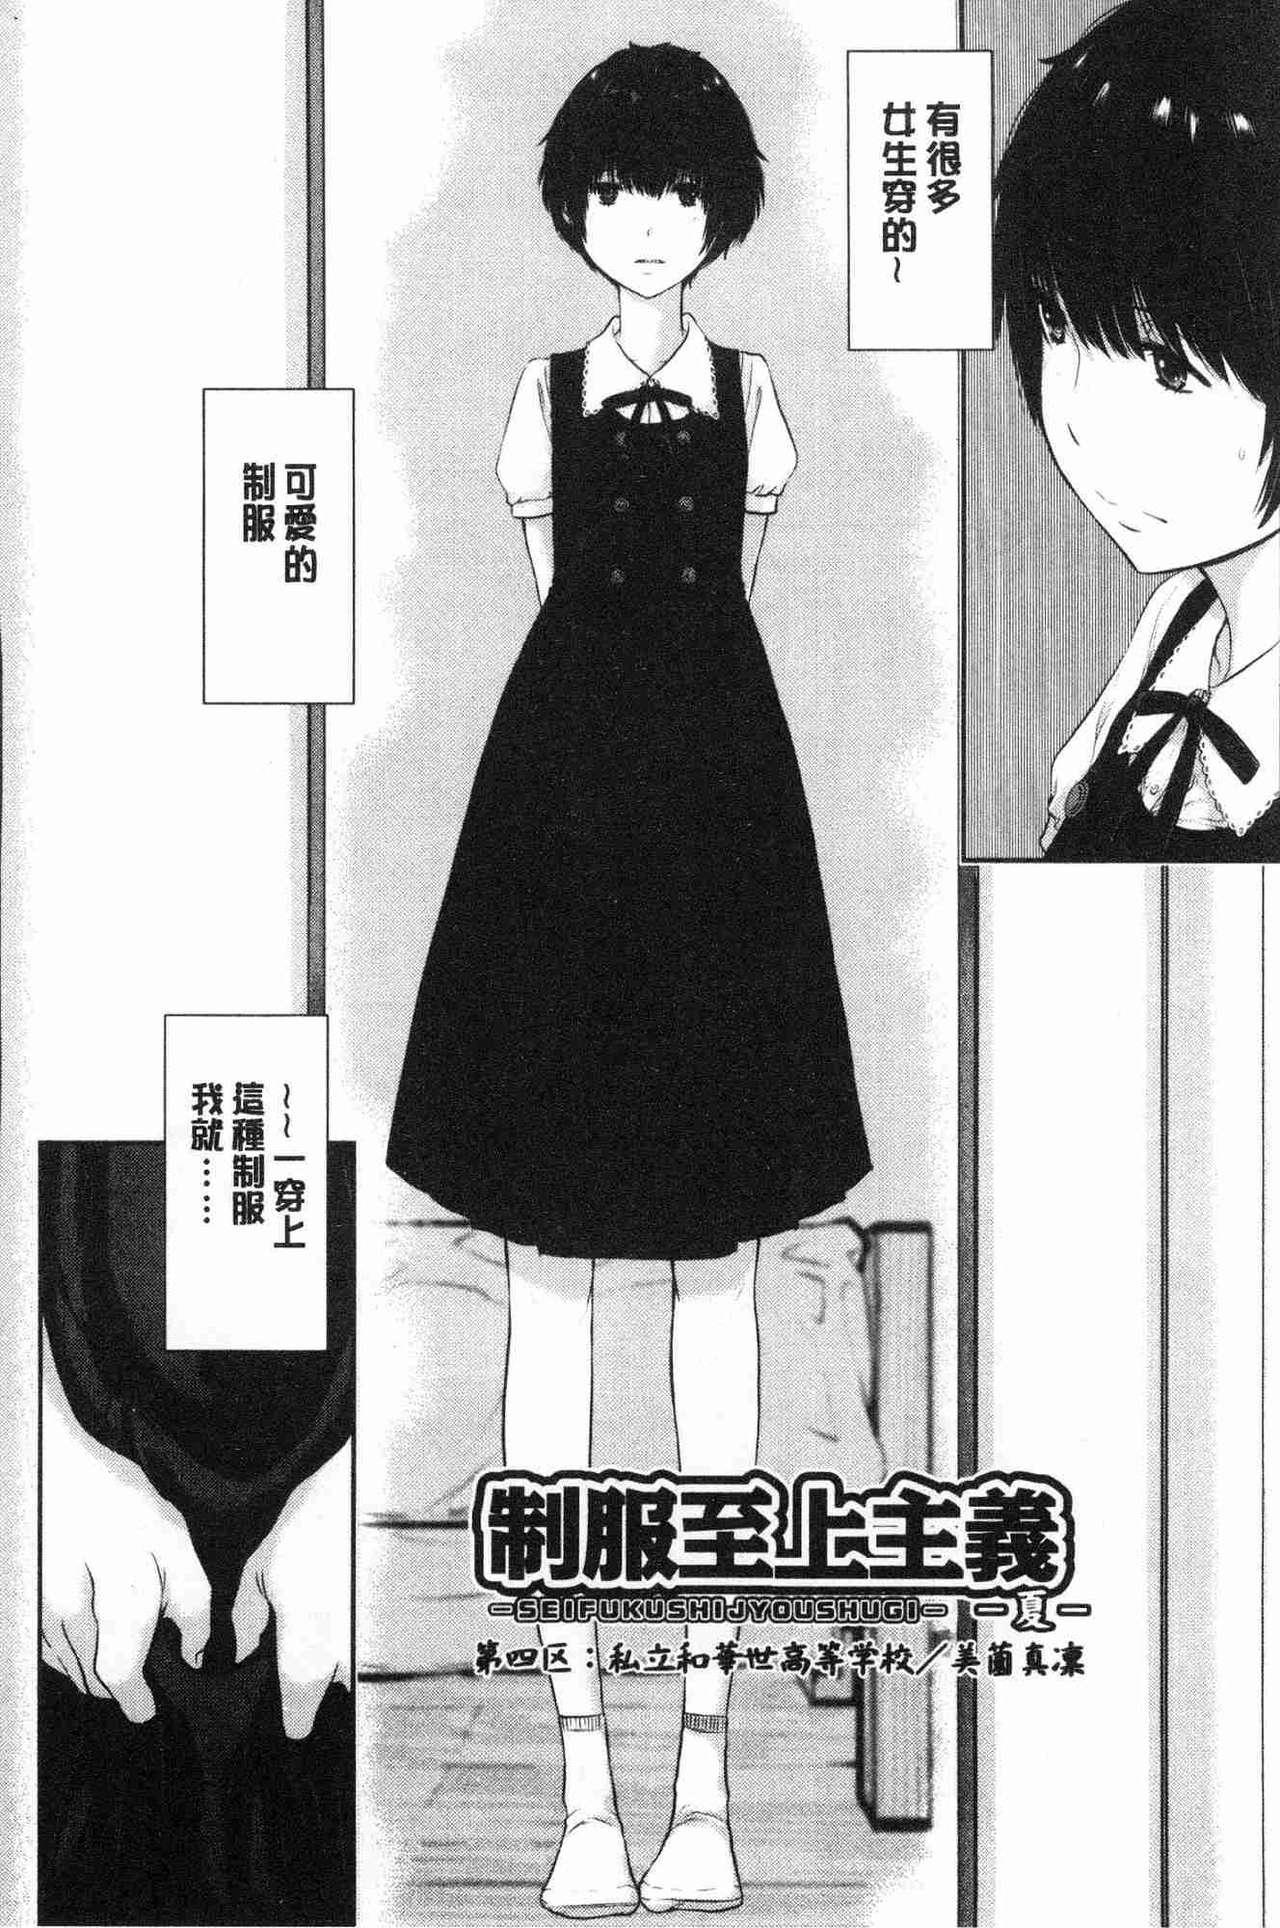 [Harazaki Takuma] Seifuku Shijou Shugi -Natsu- - Uniforms supremacy [Chinese] 84